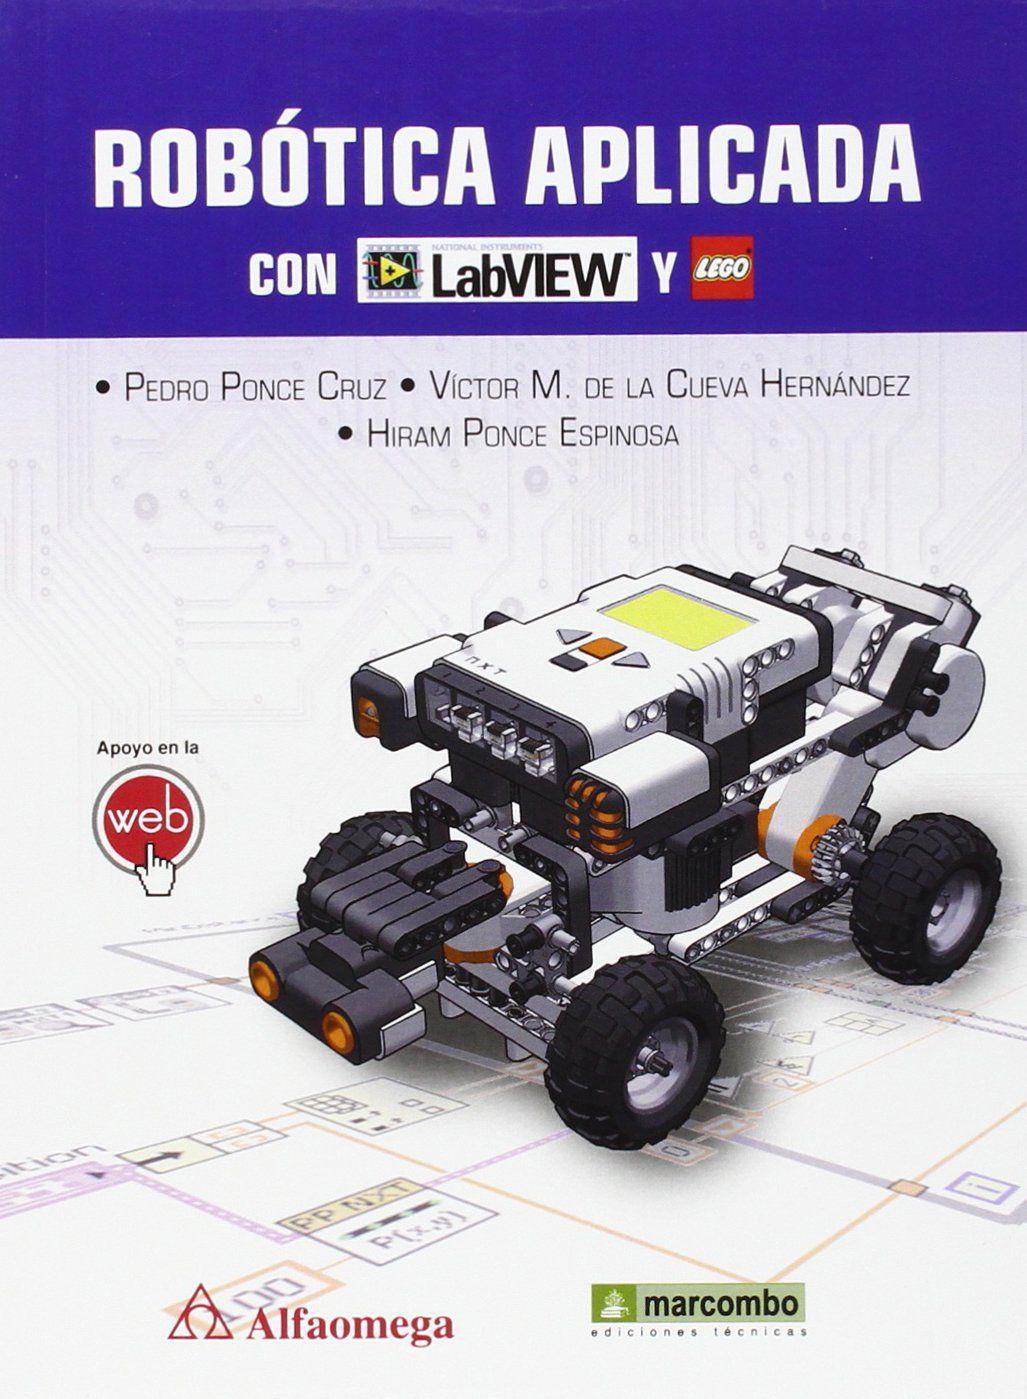 Robótica aplicada con Labview y Lego / Pedro Ponce Cruz, Víctor M. de la Cueva Hernández, Hiram Ponce Espinosa